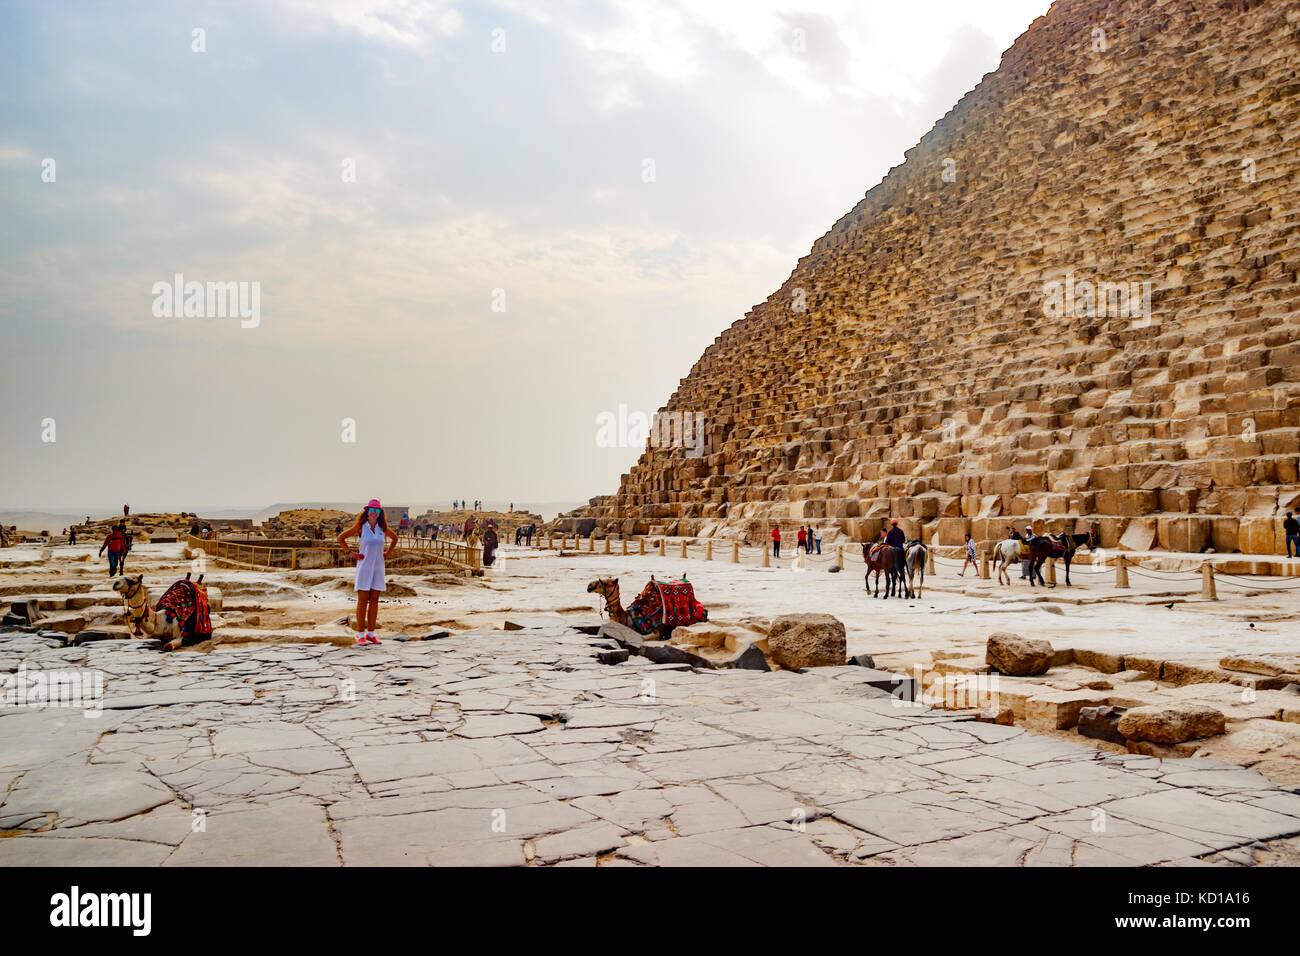 Camel près de l'ancienne pyramide au Caire, Egypte Photo Stock